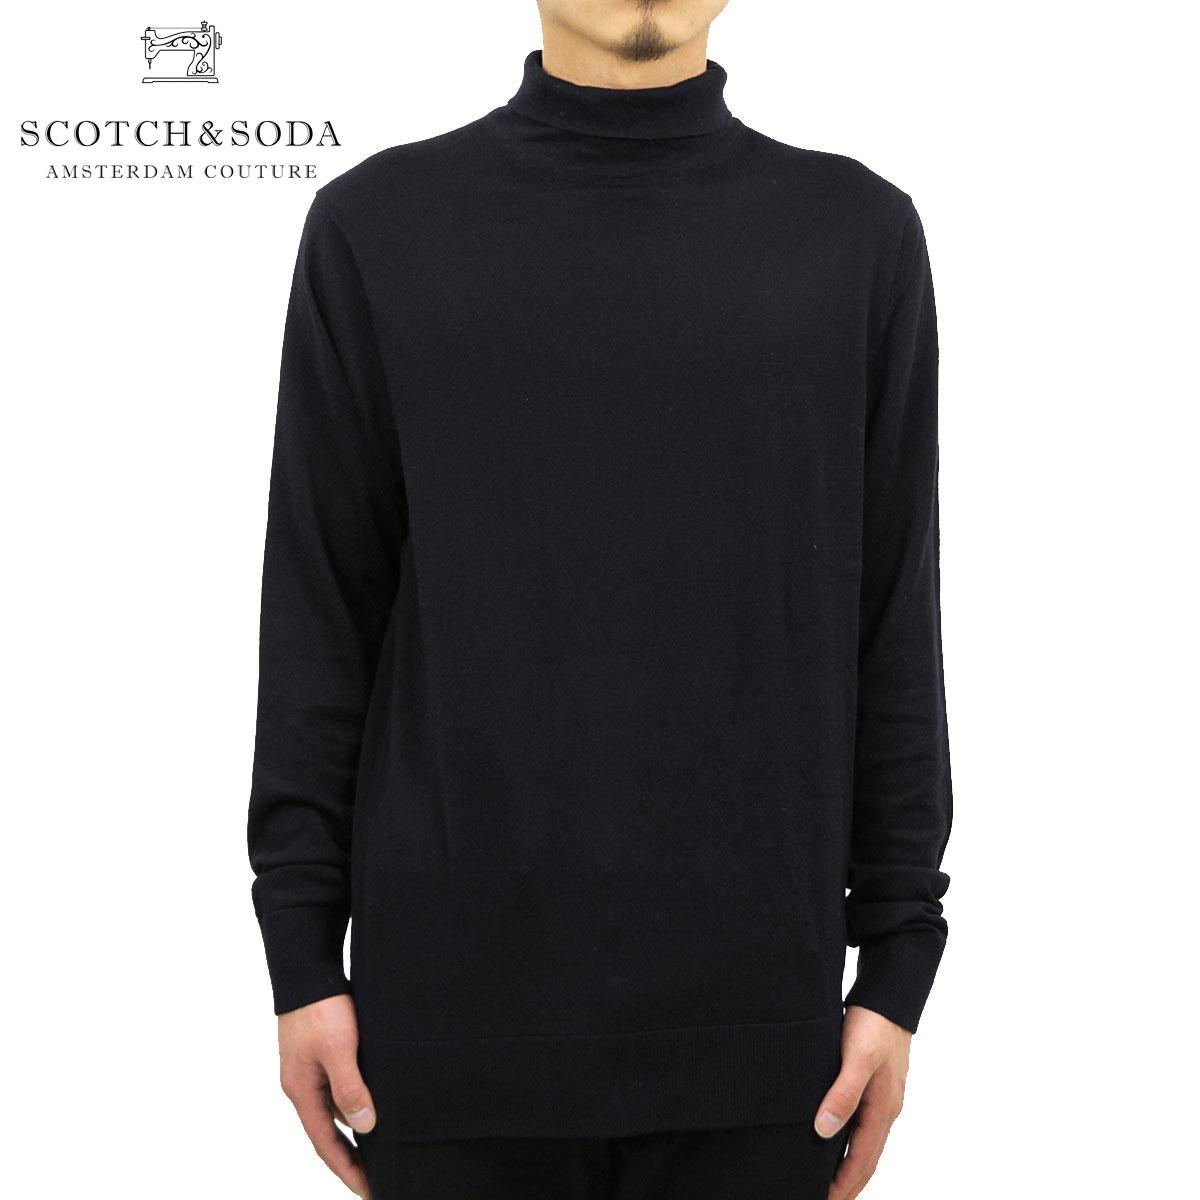 スコッチアンドソーダ Tシャツ メンズ 正規販売店 SCOTCH&SODA 長袖Tシャツ CLASSIC FINE GAUGE TURTLE-NECK